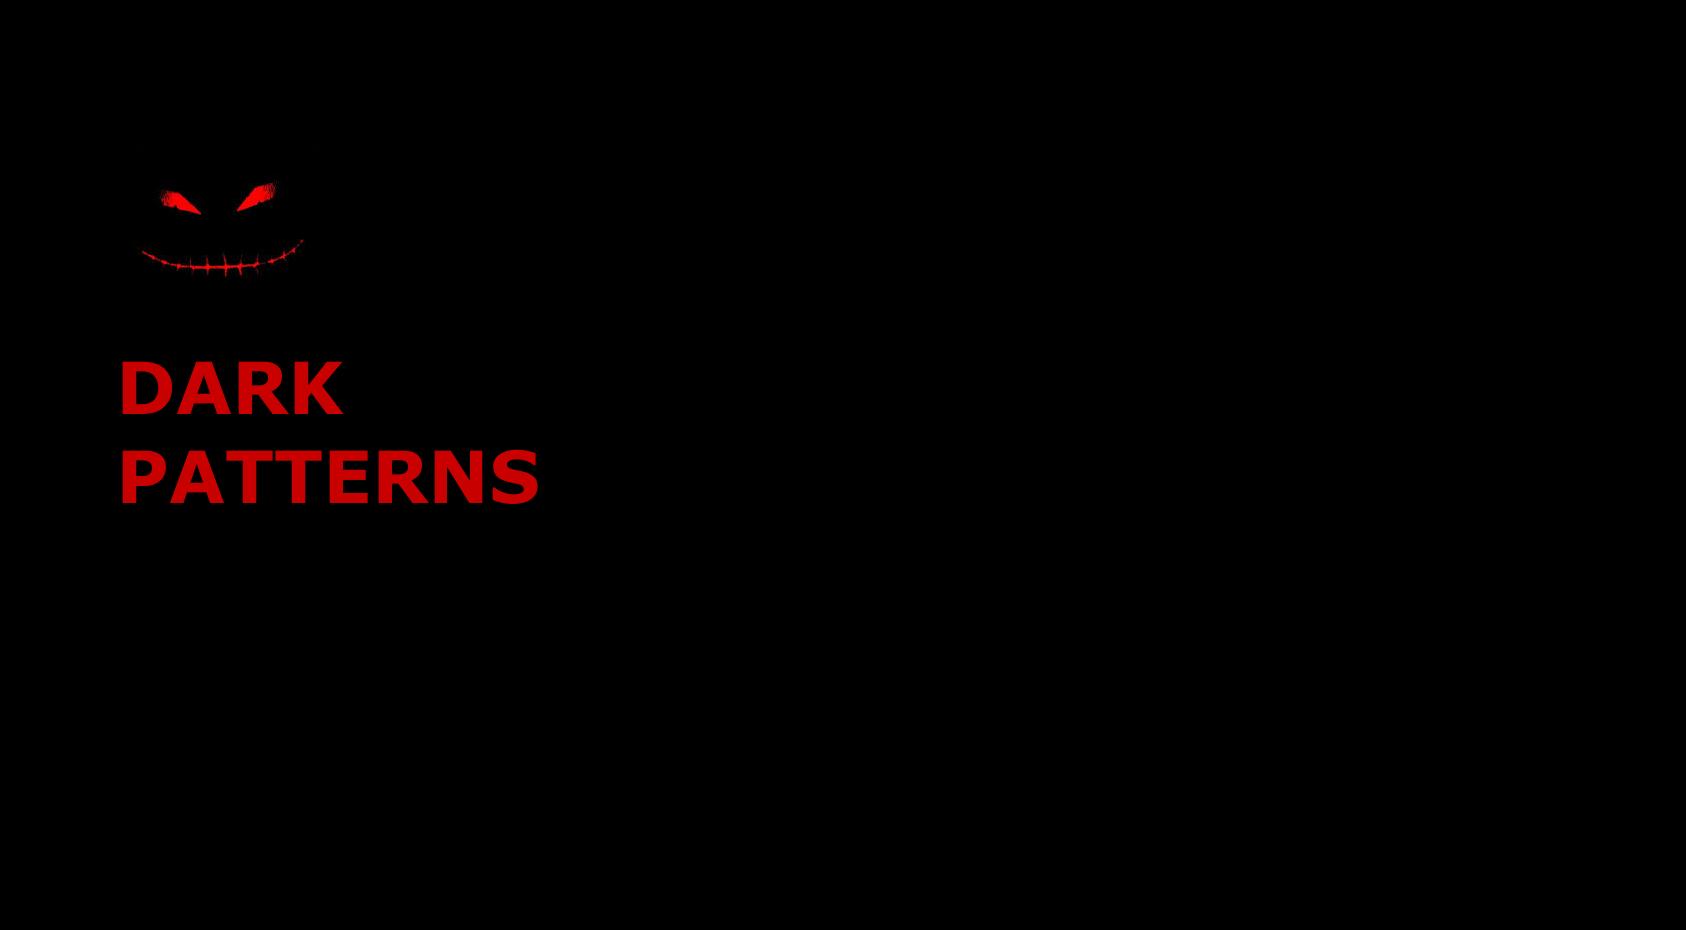 DarkPatterns1.PNG